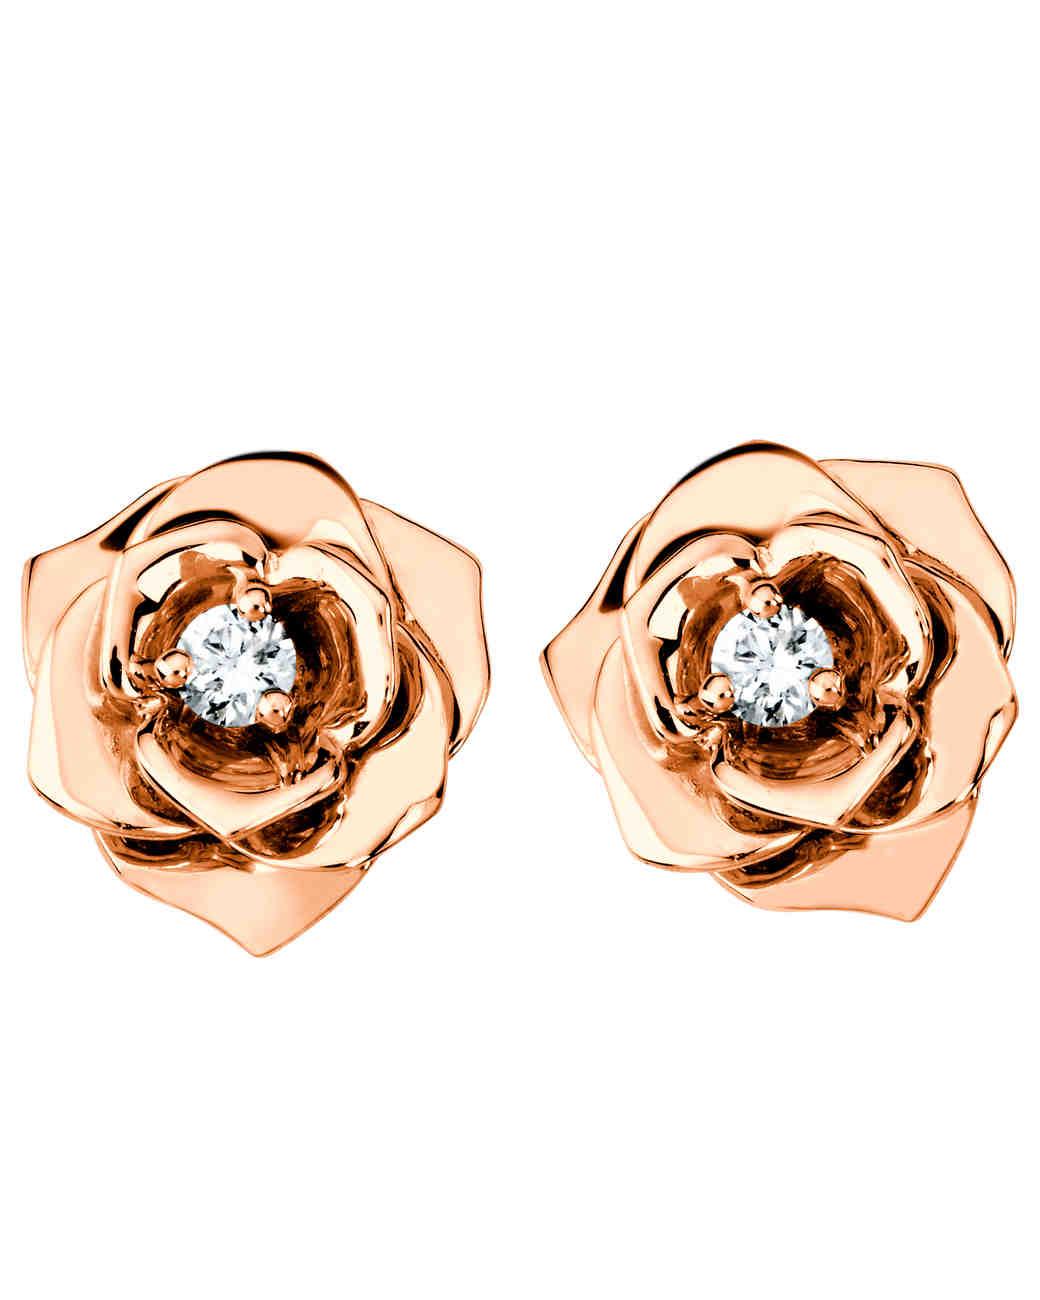 piaget-earrings-0043-v1.jpg